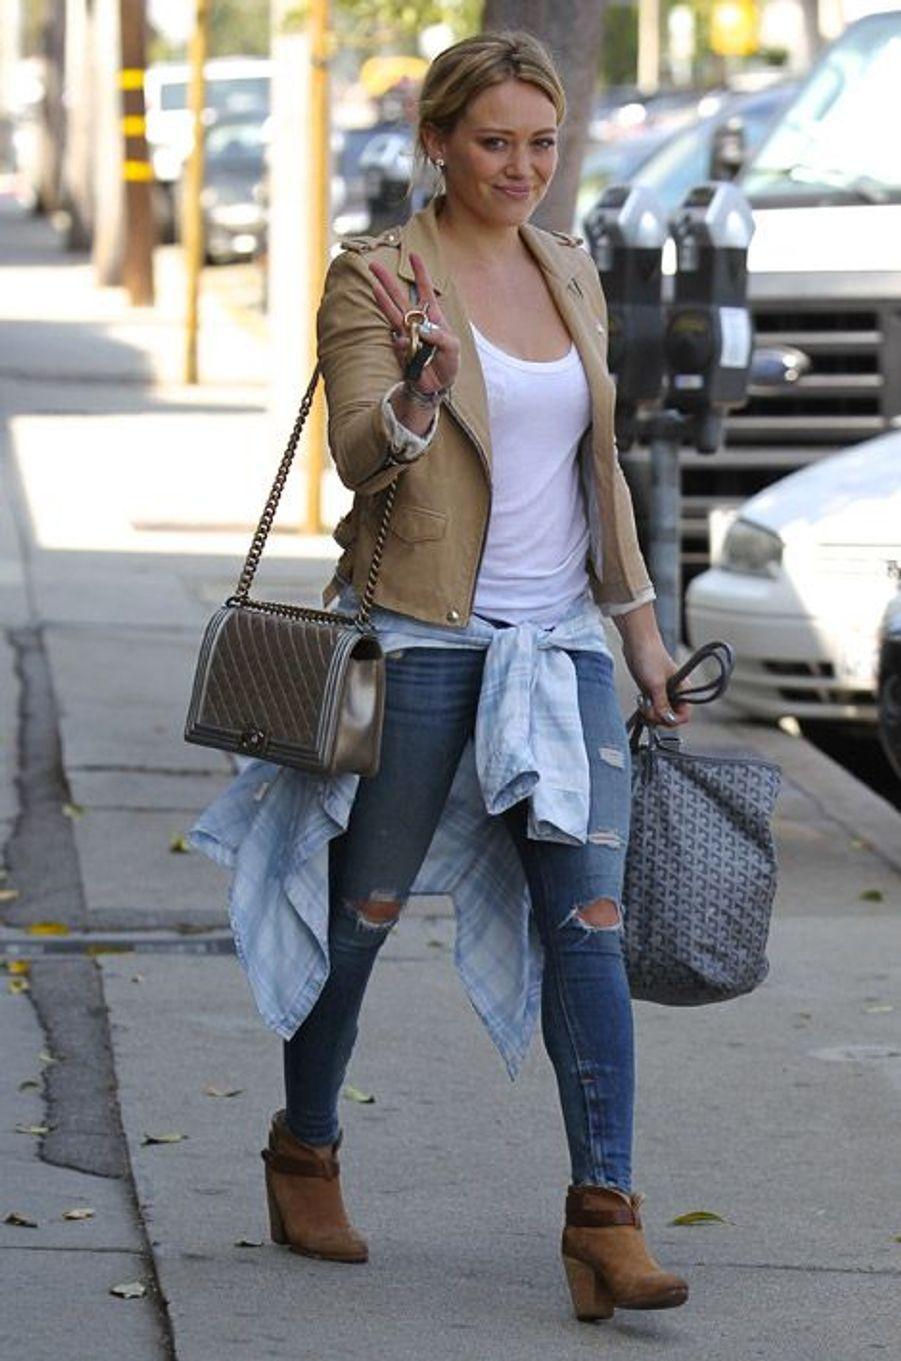 La chanteuse Hilary Duff le 22 août 2014, à Beverly Hills